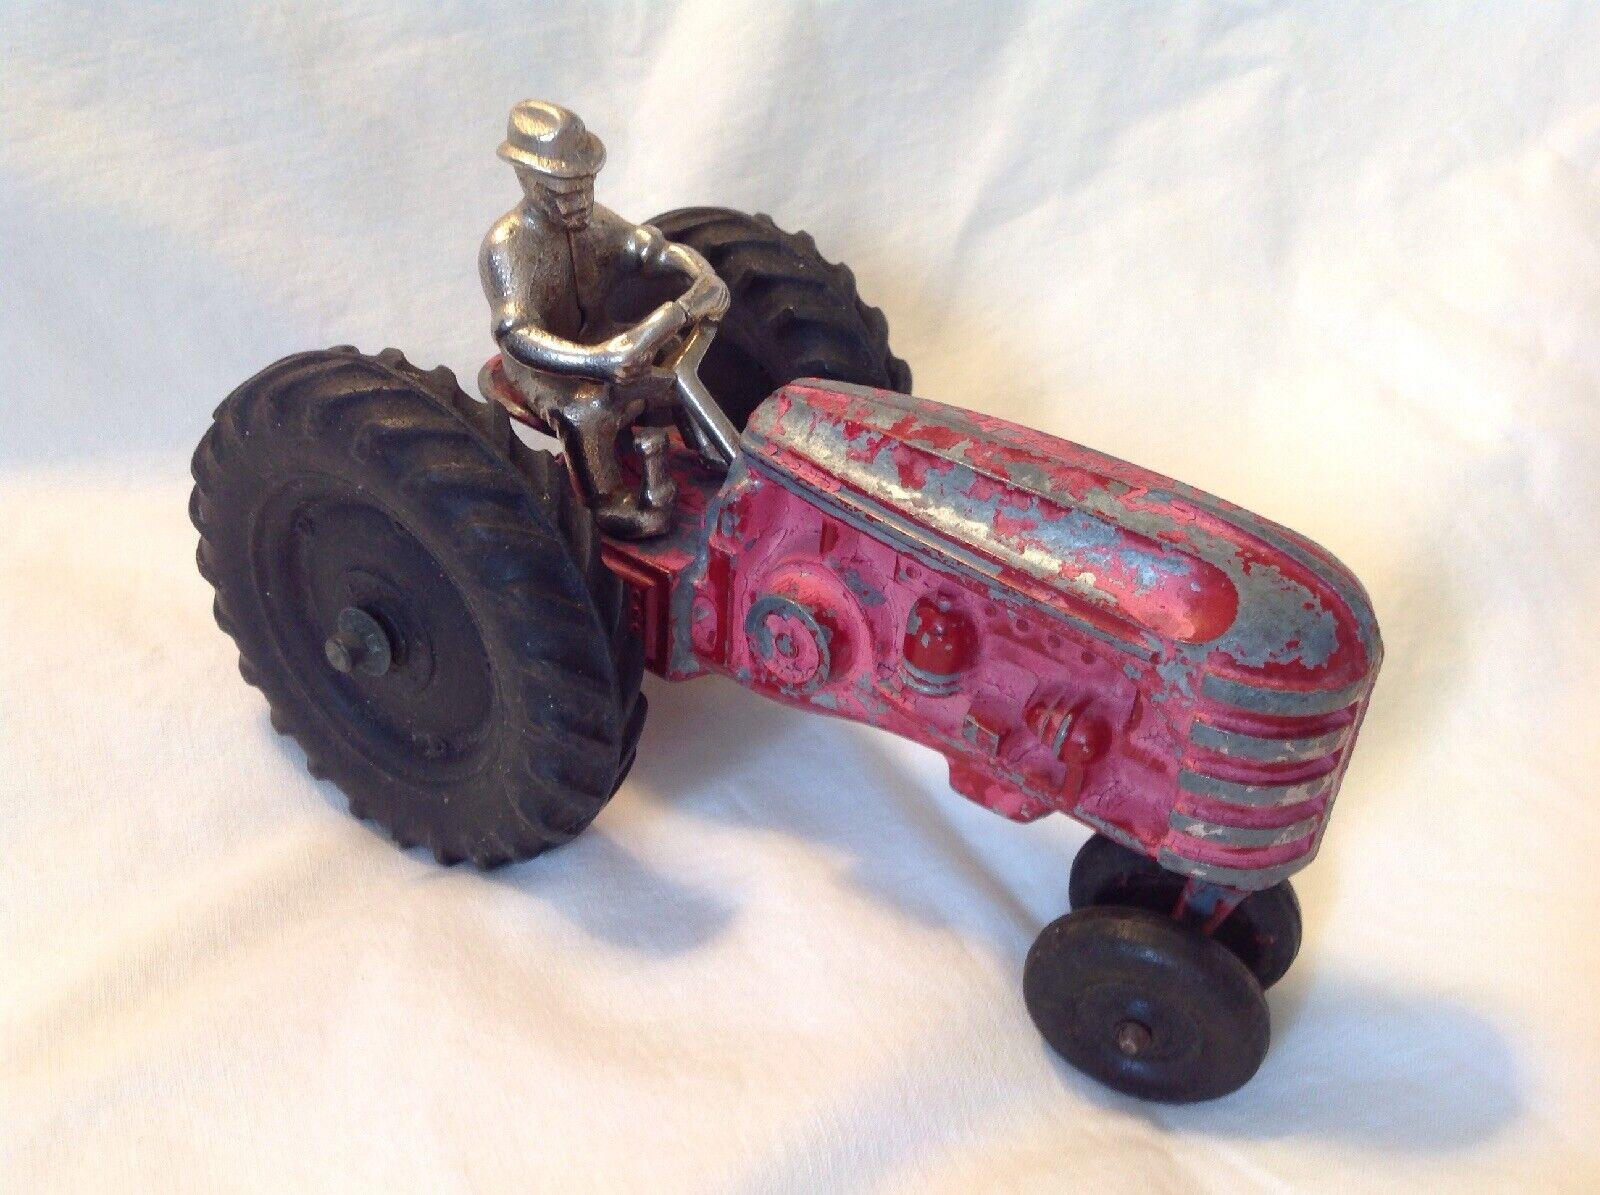 Vintage Hubley Diecast Massey Harris conductor de tractor con níquel plateado